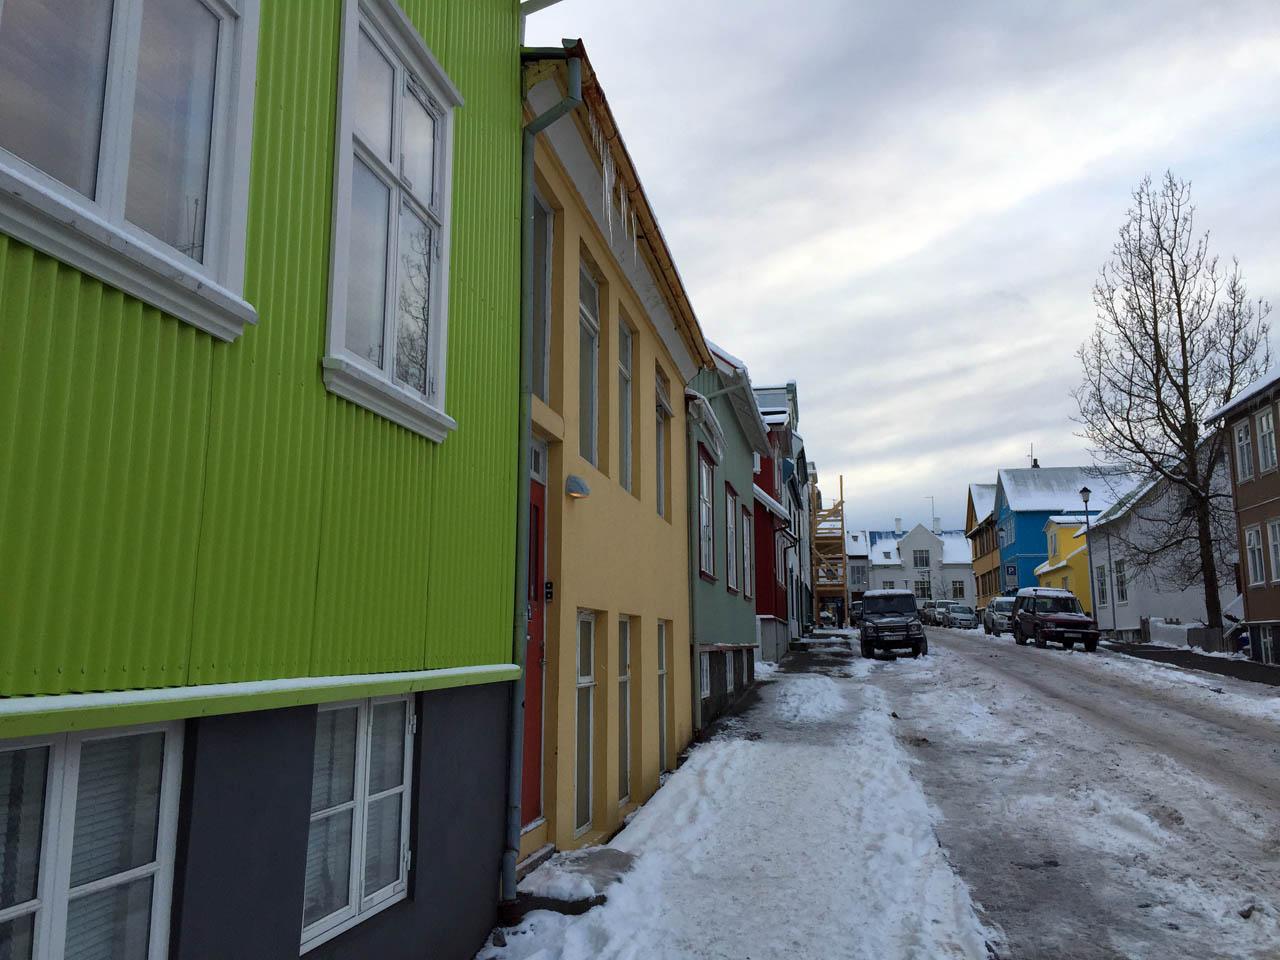 Reykjavik color